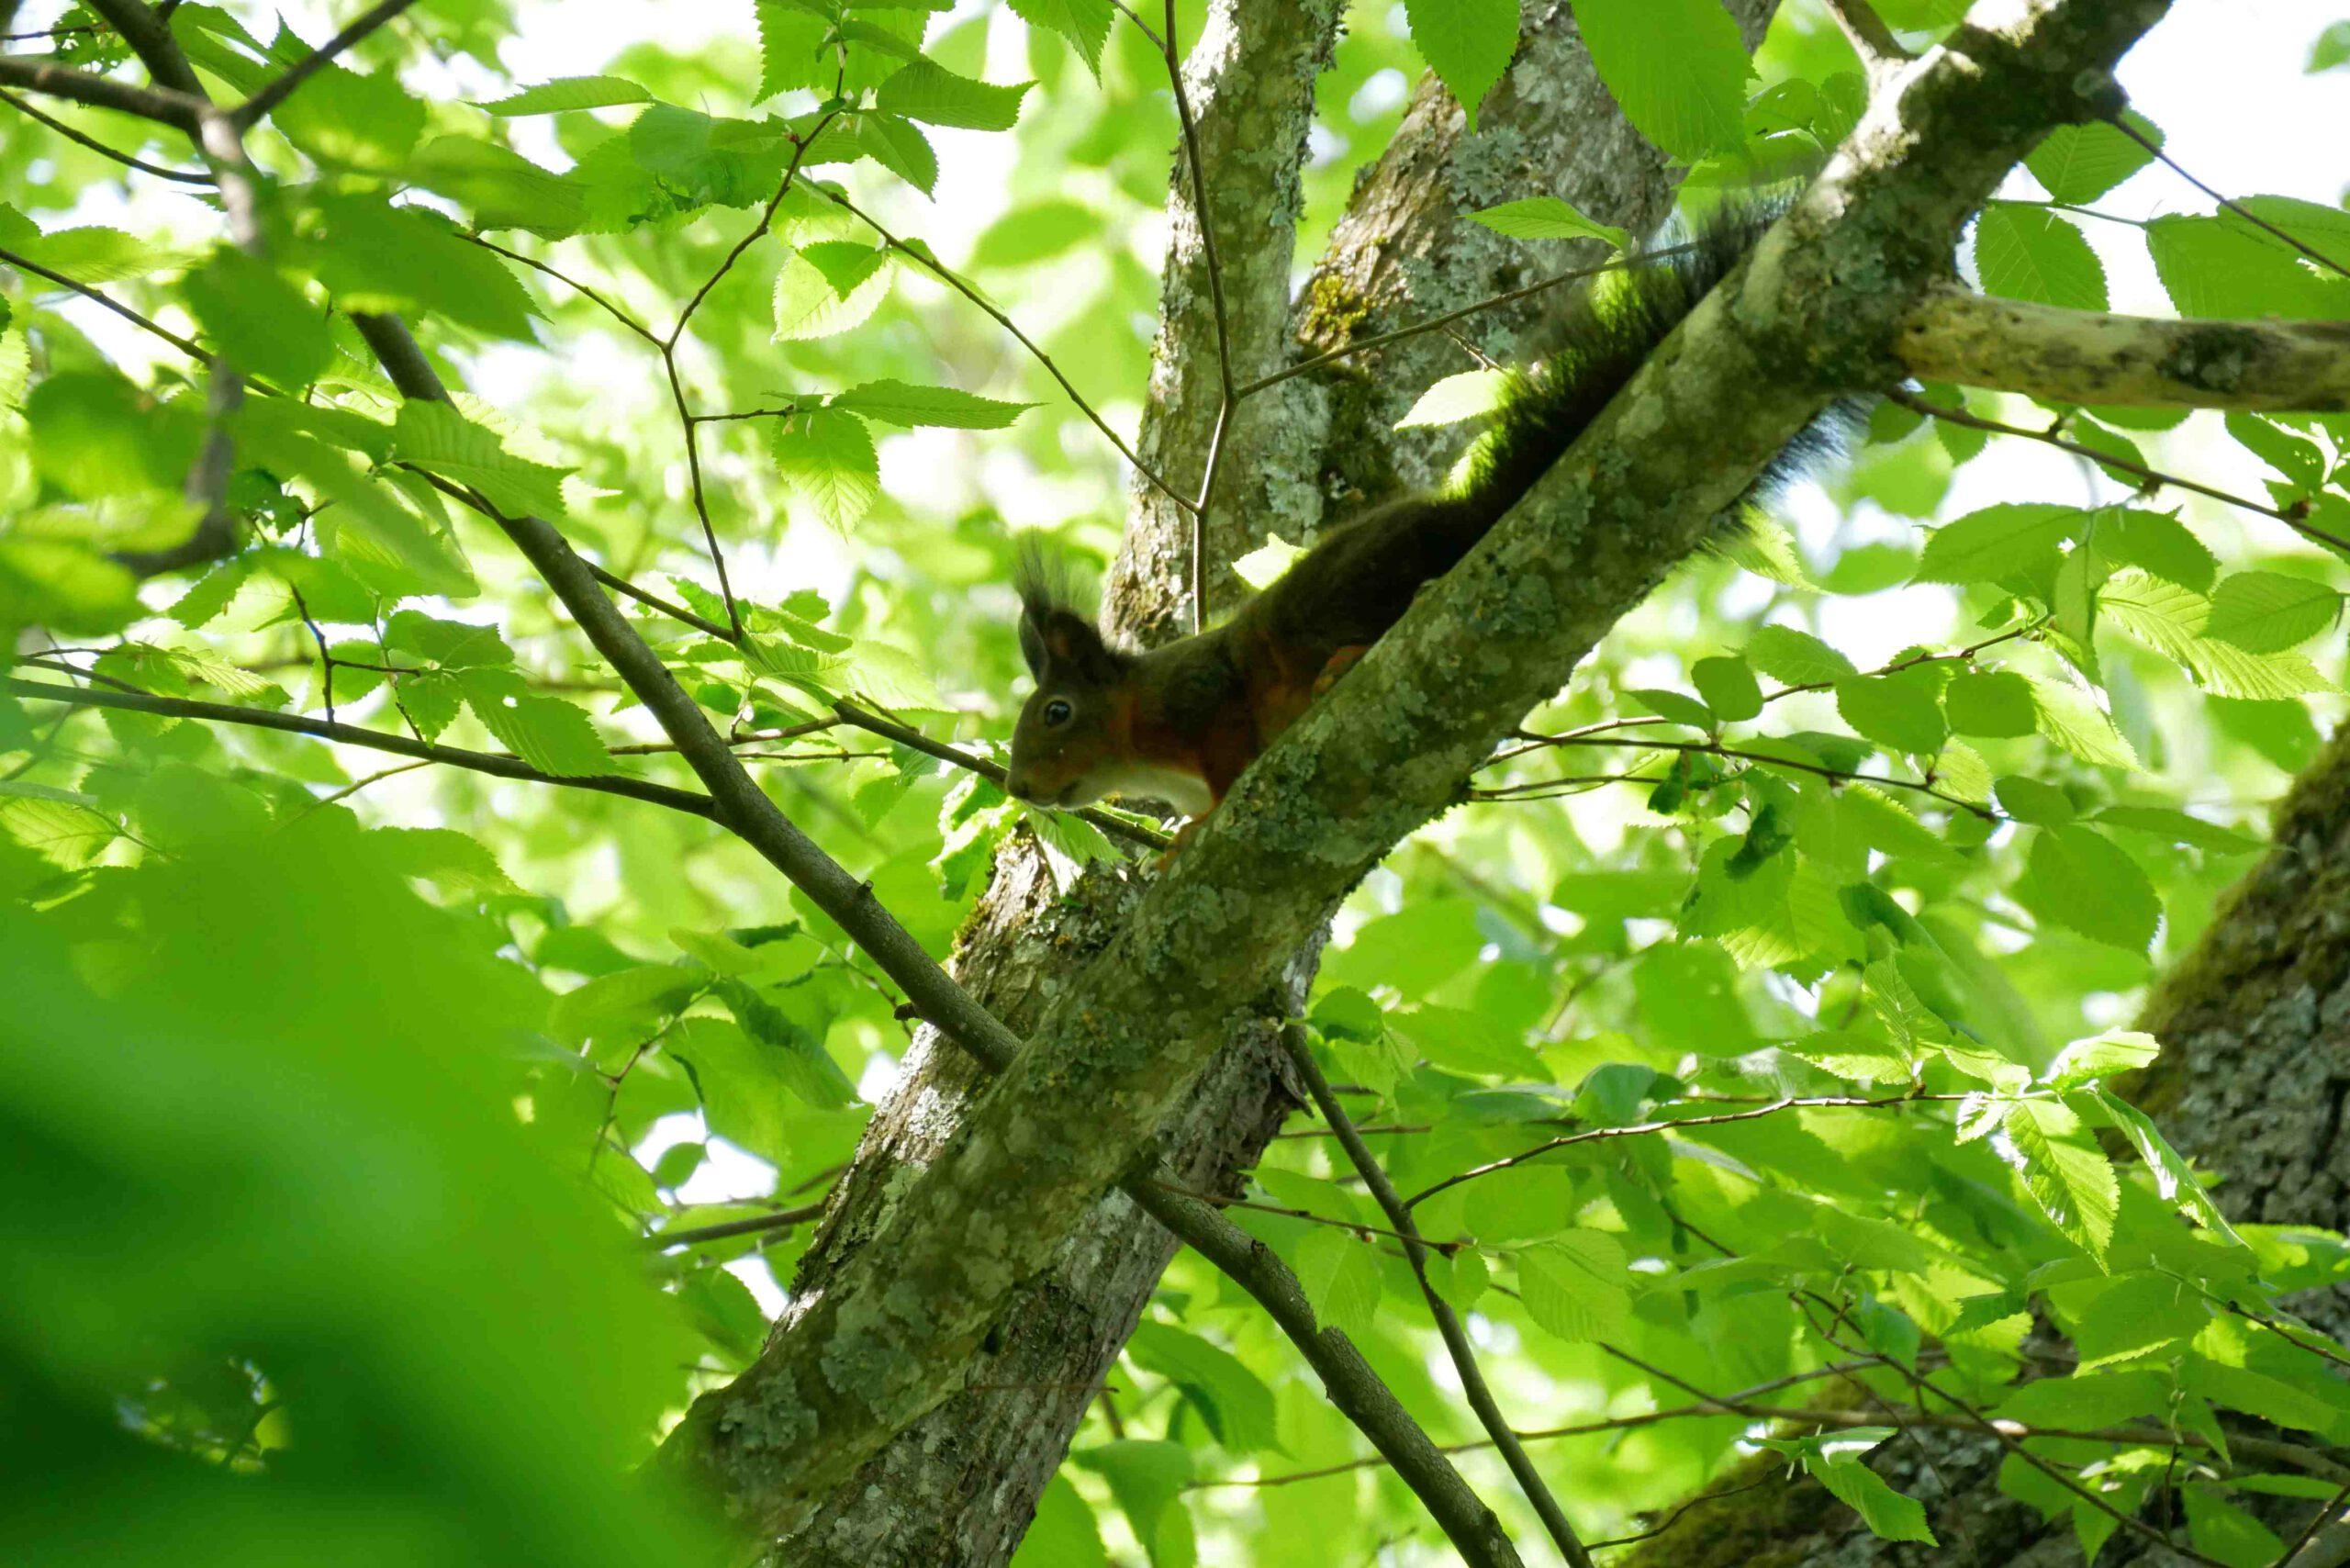 Eichhörnchen als Ninja und neue Erfahrungen durch Neugierde?